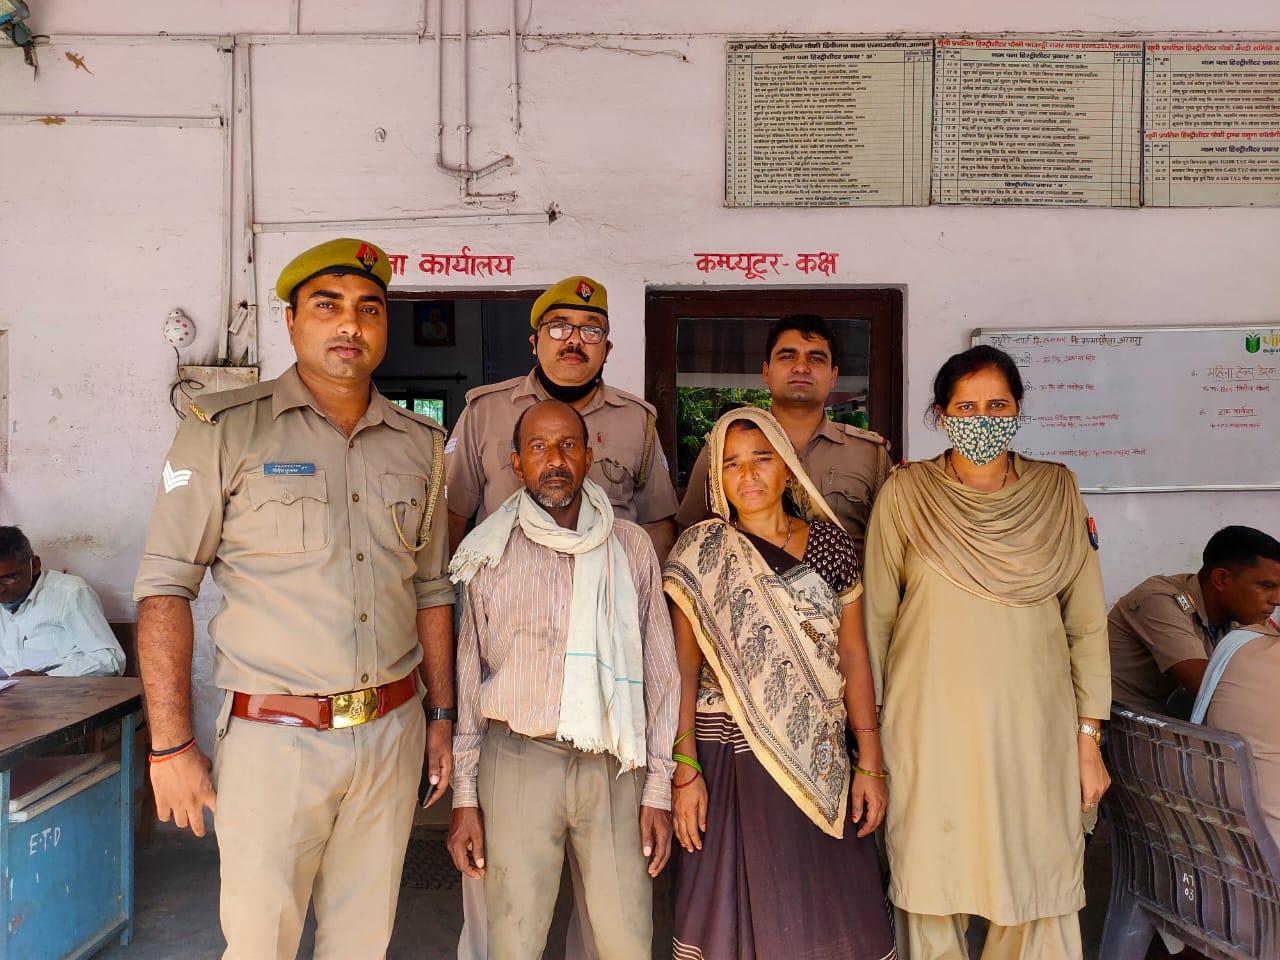 यमुना में कूदी महिला को बचाकर पति के हवाले किया, घर से गायब बच्चे को परिवार से मिलाया|आगरा,Agra - Dainik Bhaskar